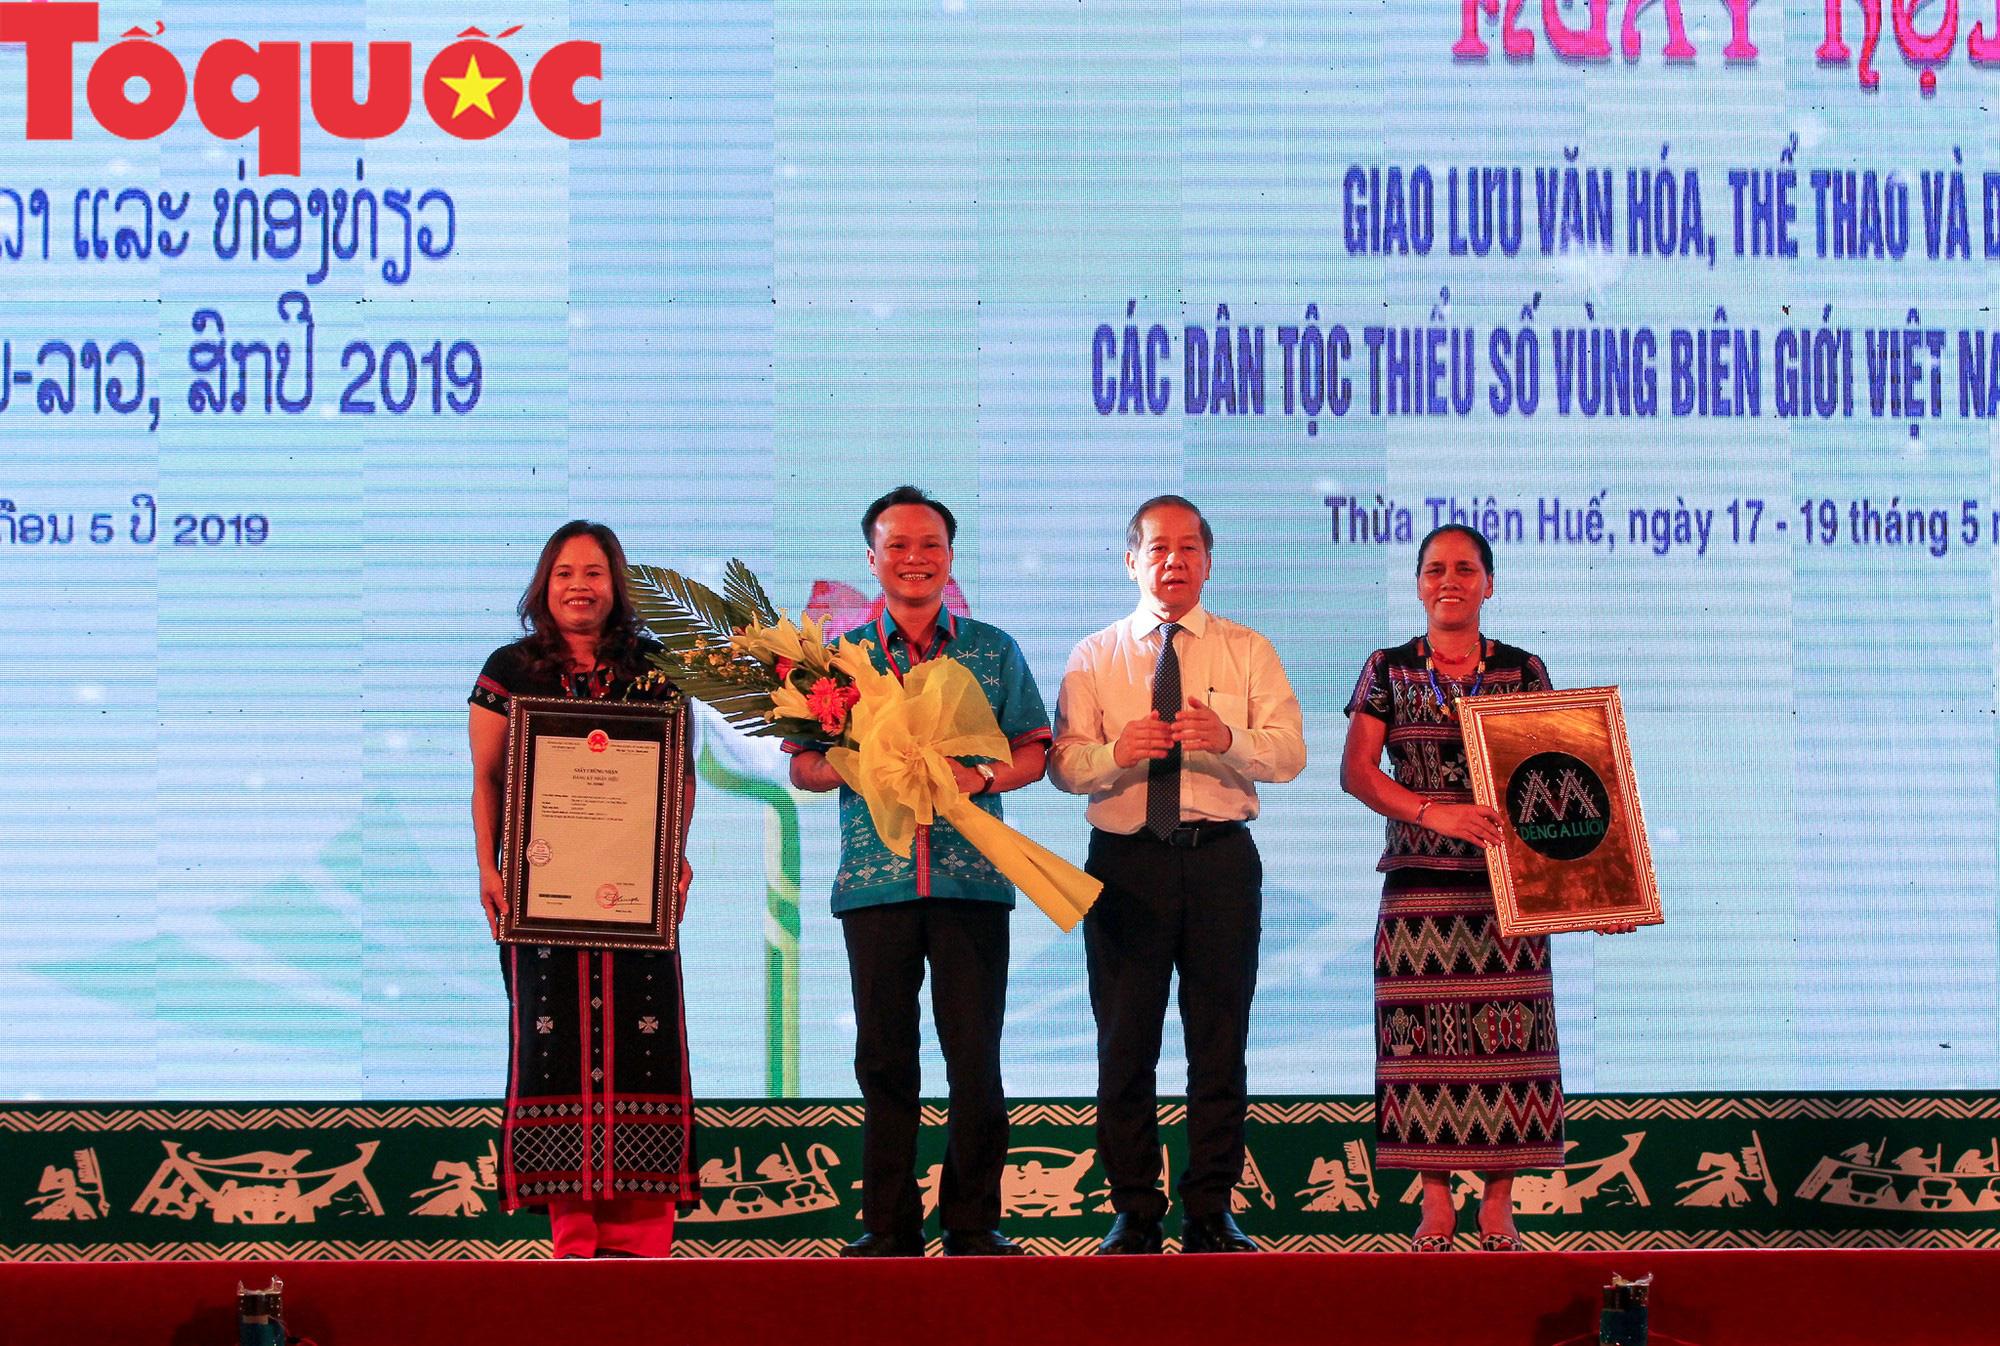 Khai mạc Ngày hội giao lưu văn hóa, thể thao, du lịch các dân tộc biên giới Việt Nam - Lào - Ảnh 10.